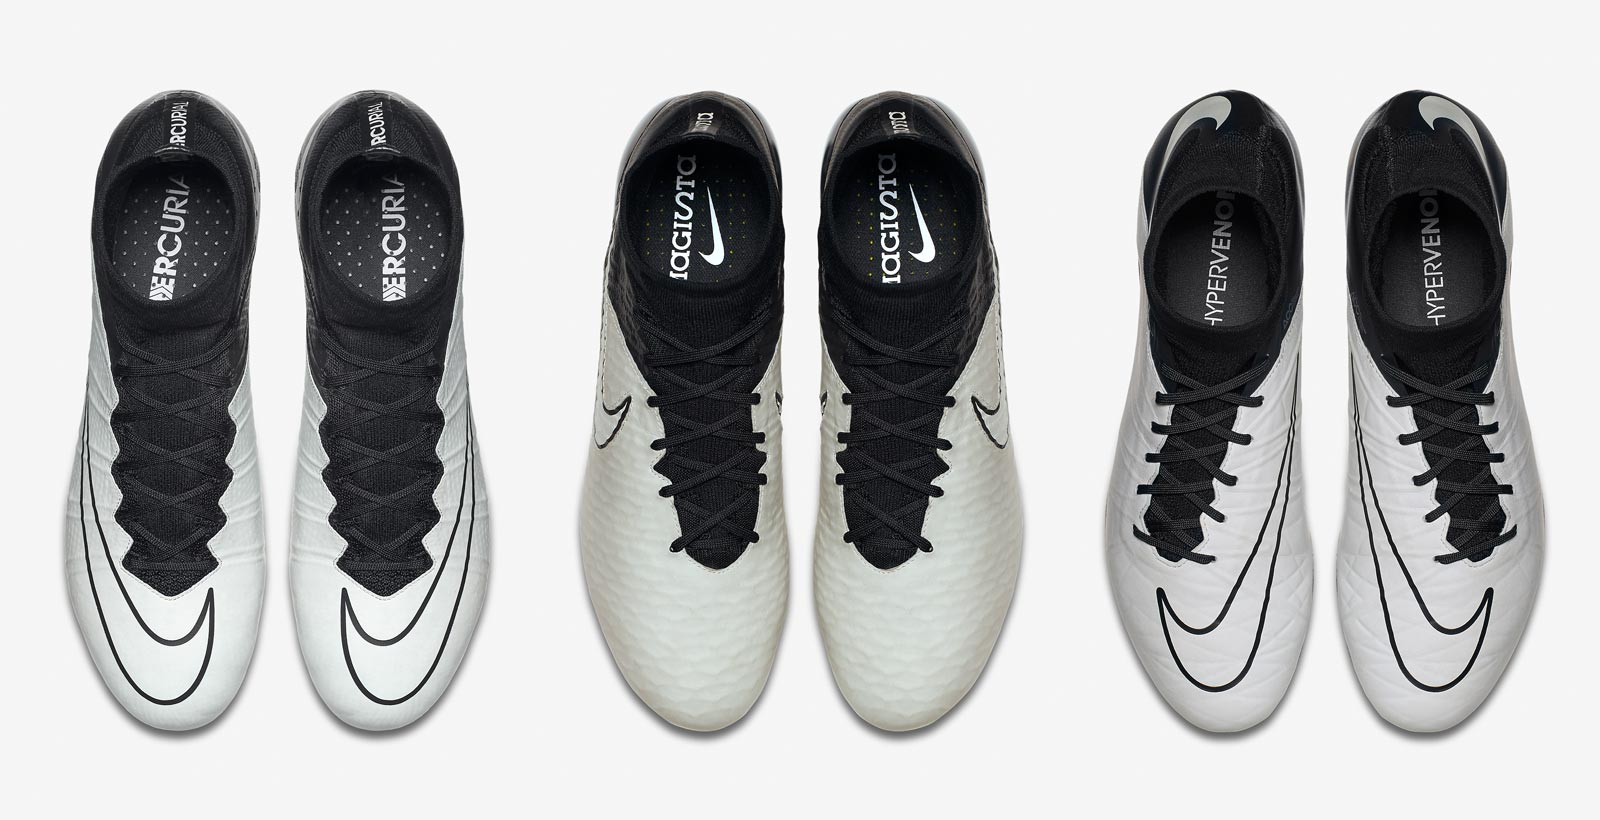 2592db074c5fc A Nike prepara-se para revelar uma nova combinação de cores transversal dos  principais modelos da marca norte-americana. Só o modelo Tiempo ficará de  fora ...